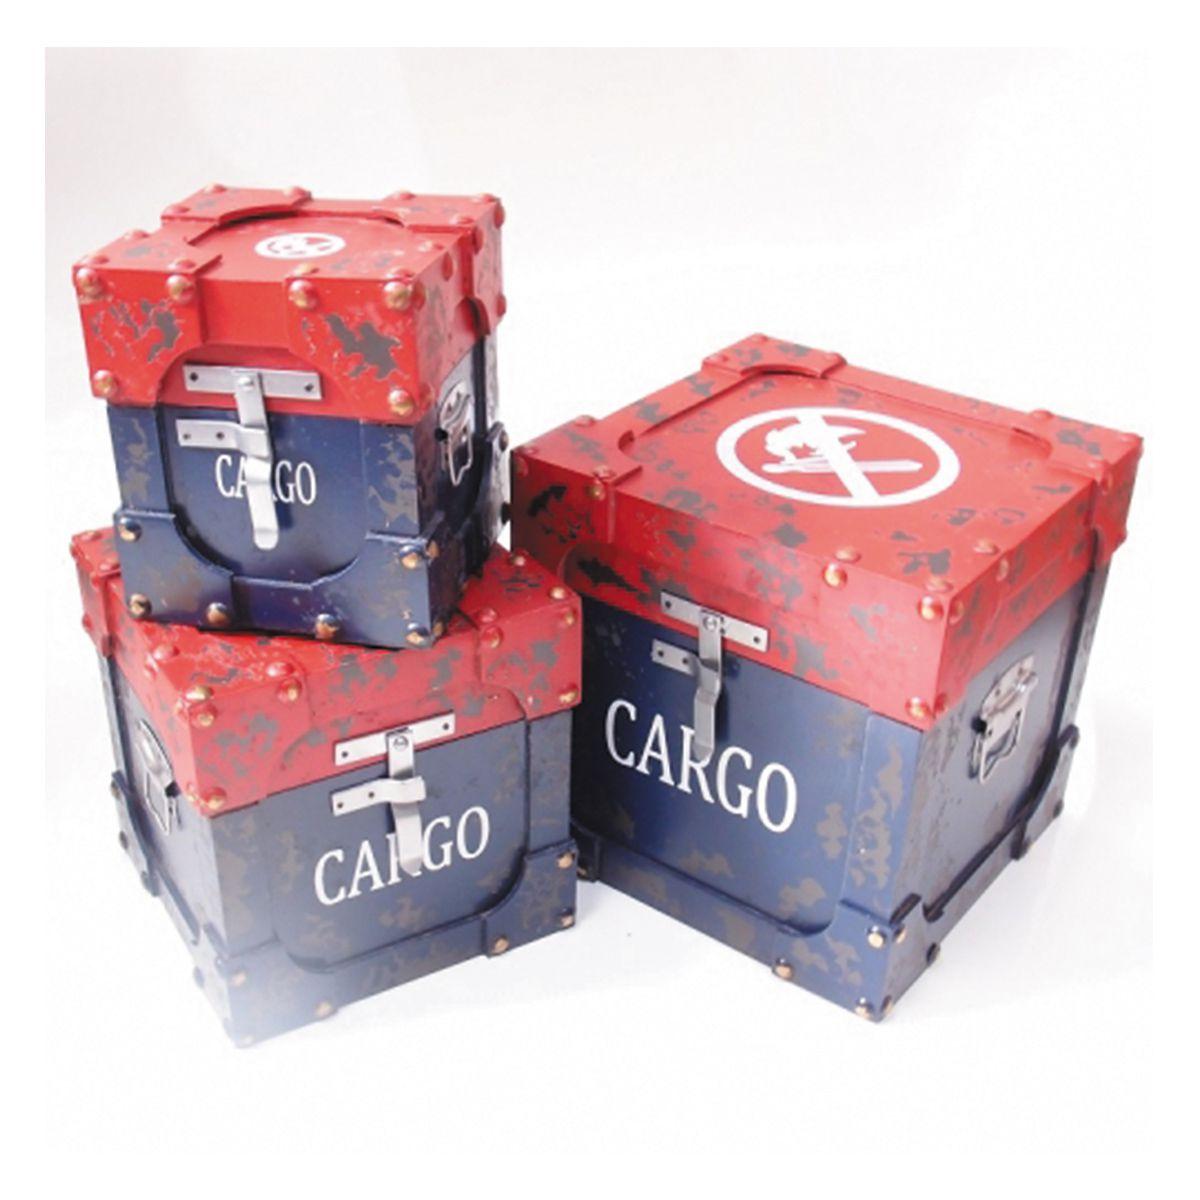 Kit com 3 Caixas Organizadora Mod. Baú Cargo ok